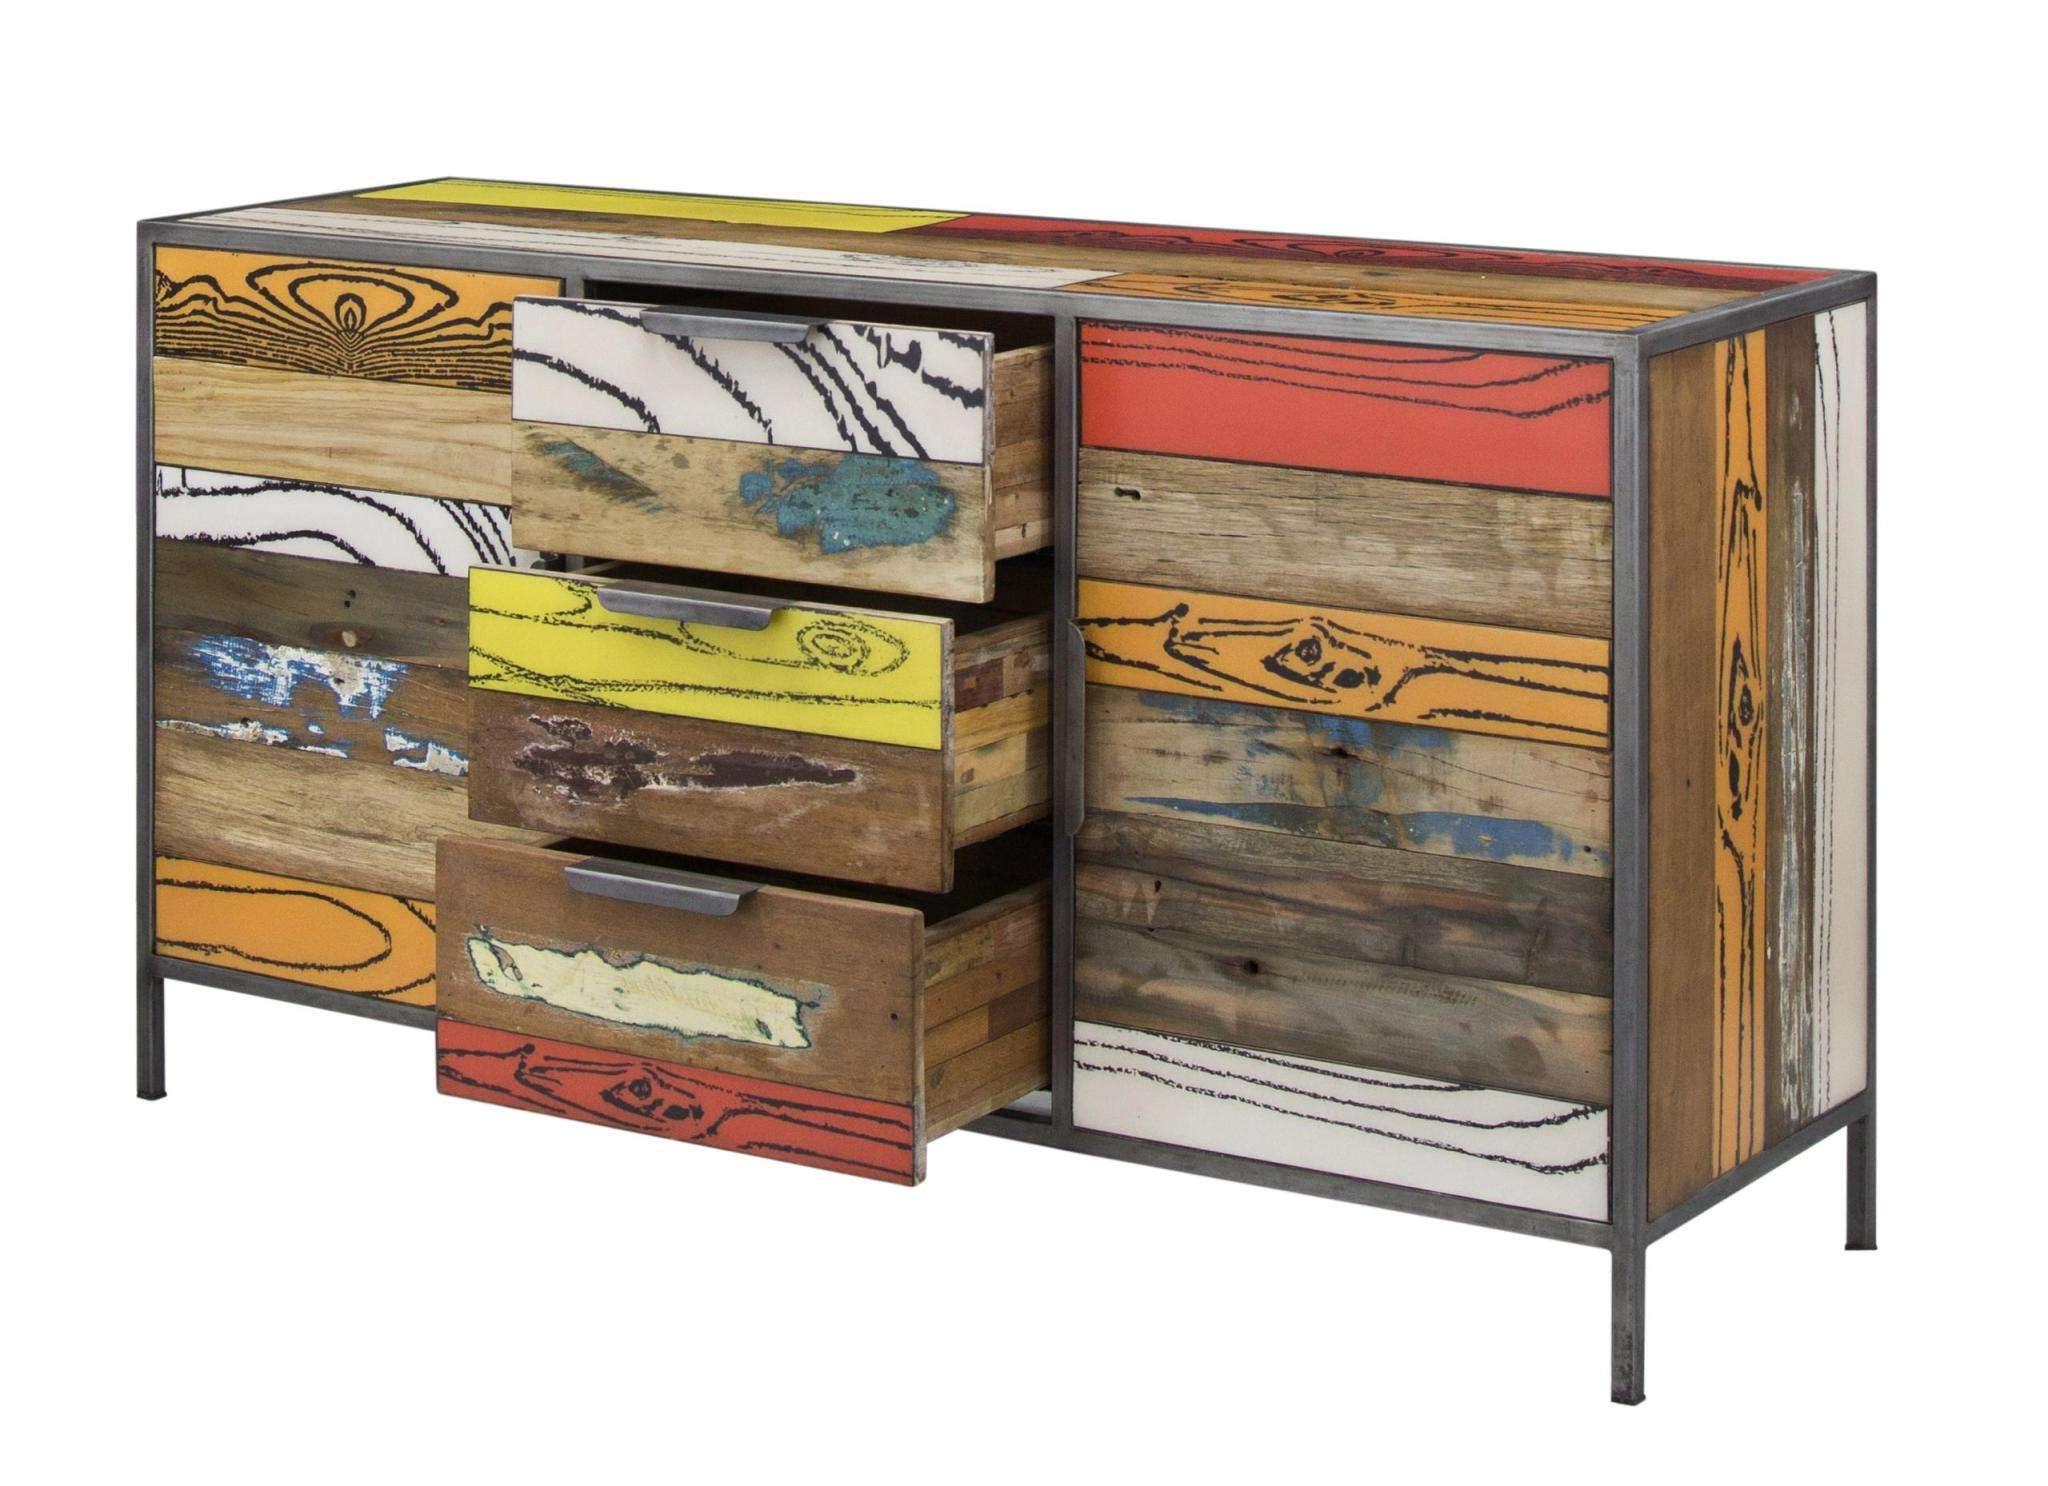 Uncategorized : Reclaimed Wood Sideboard Inside Nice Reclaimed For Reclaimed Wood Sideboards (View 18 of 20)